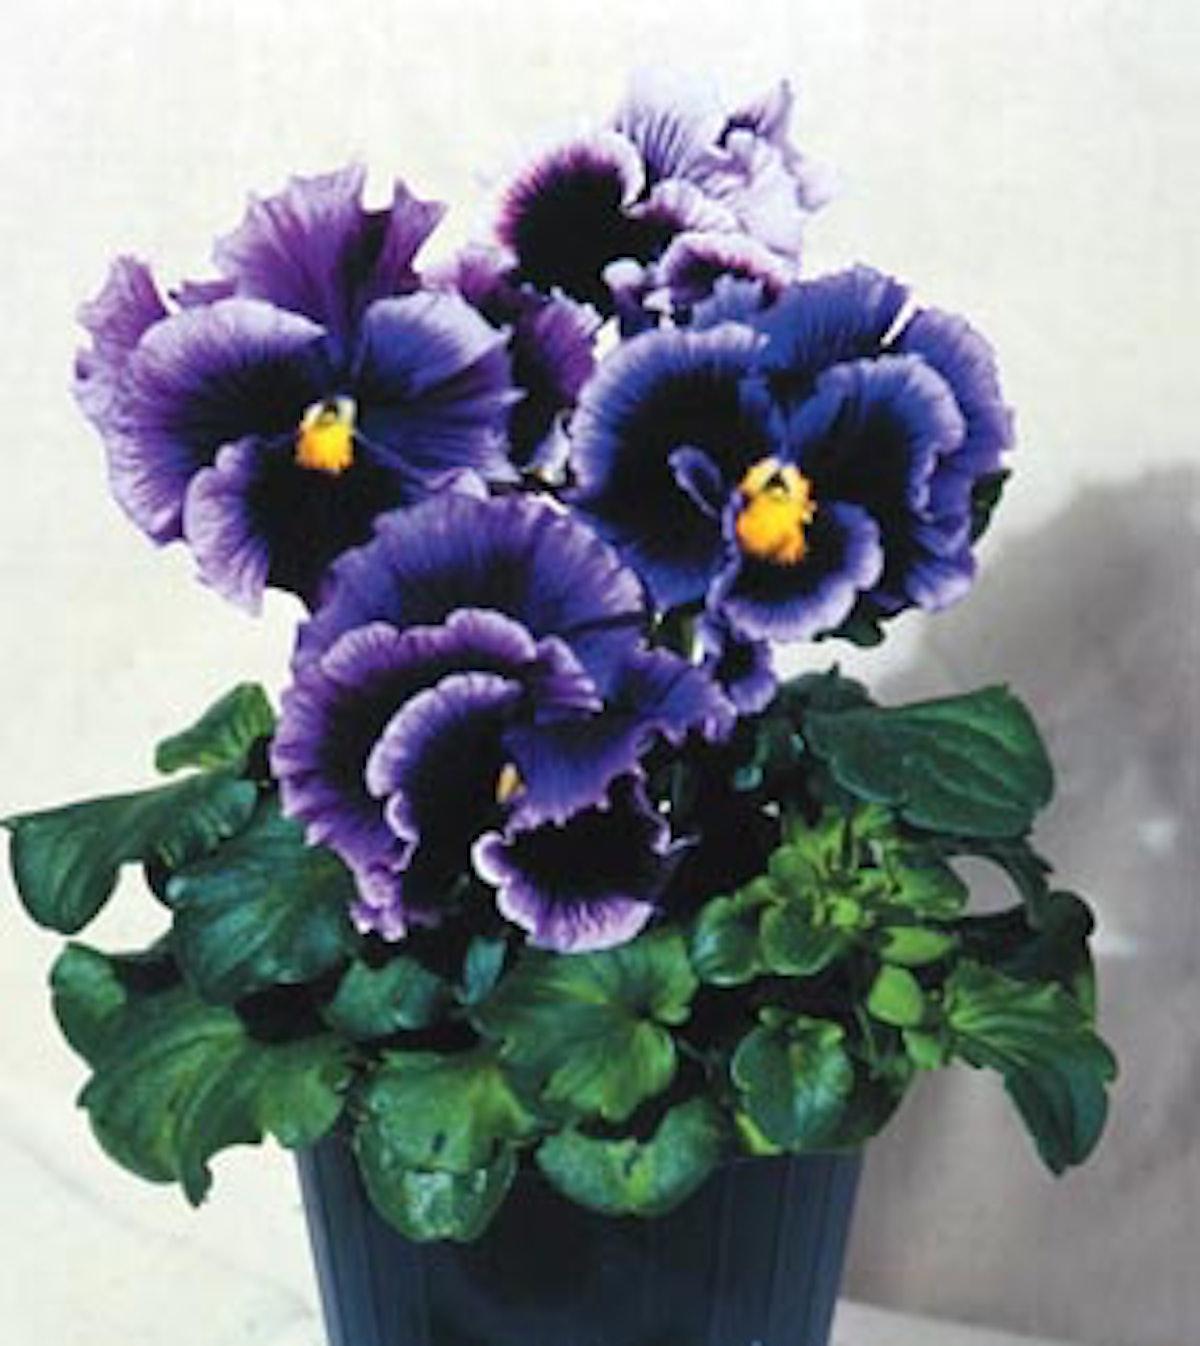 jear_flowers_05.jpg